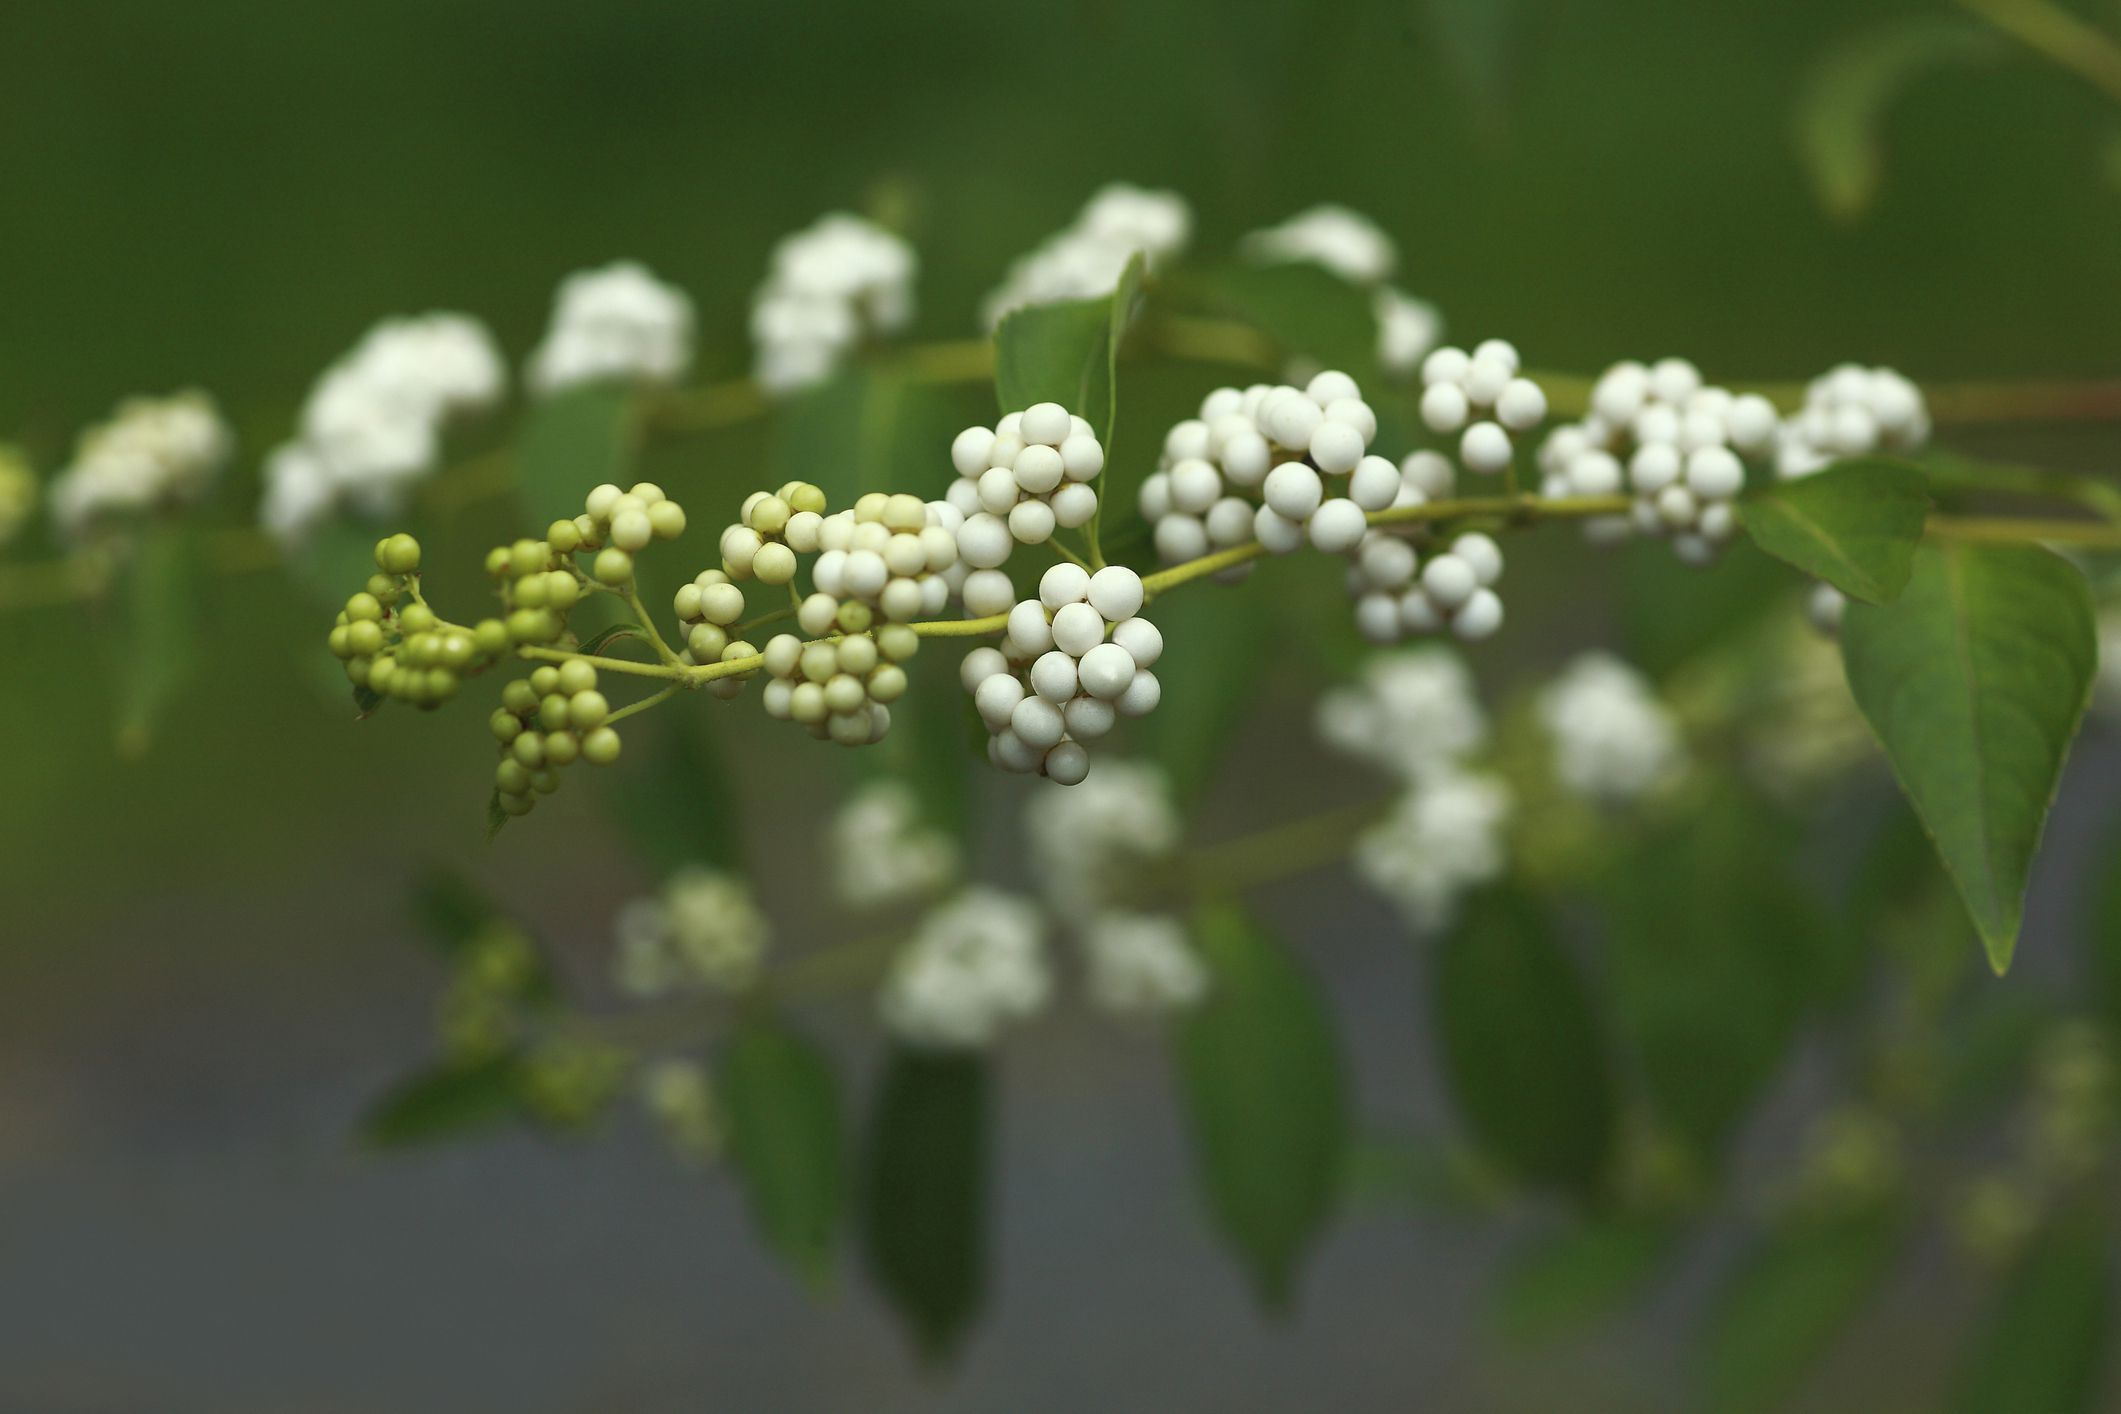 White beautyberries